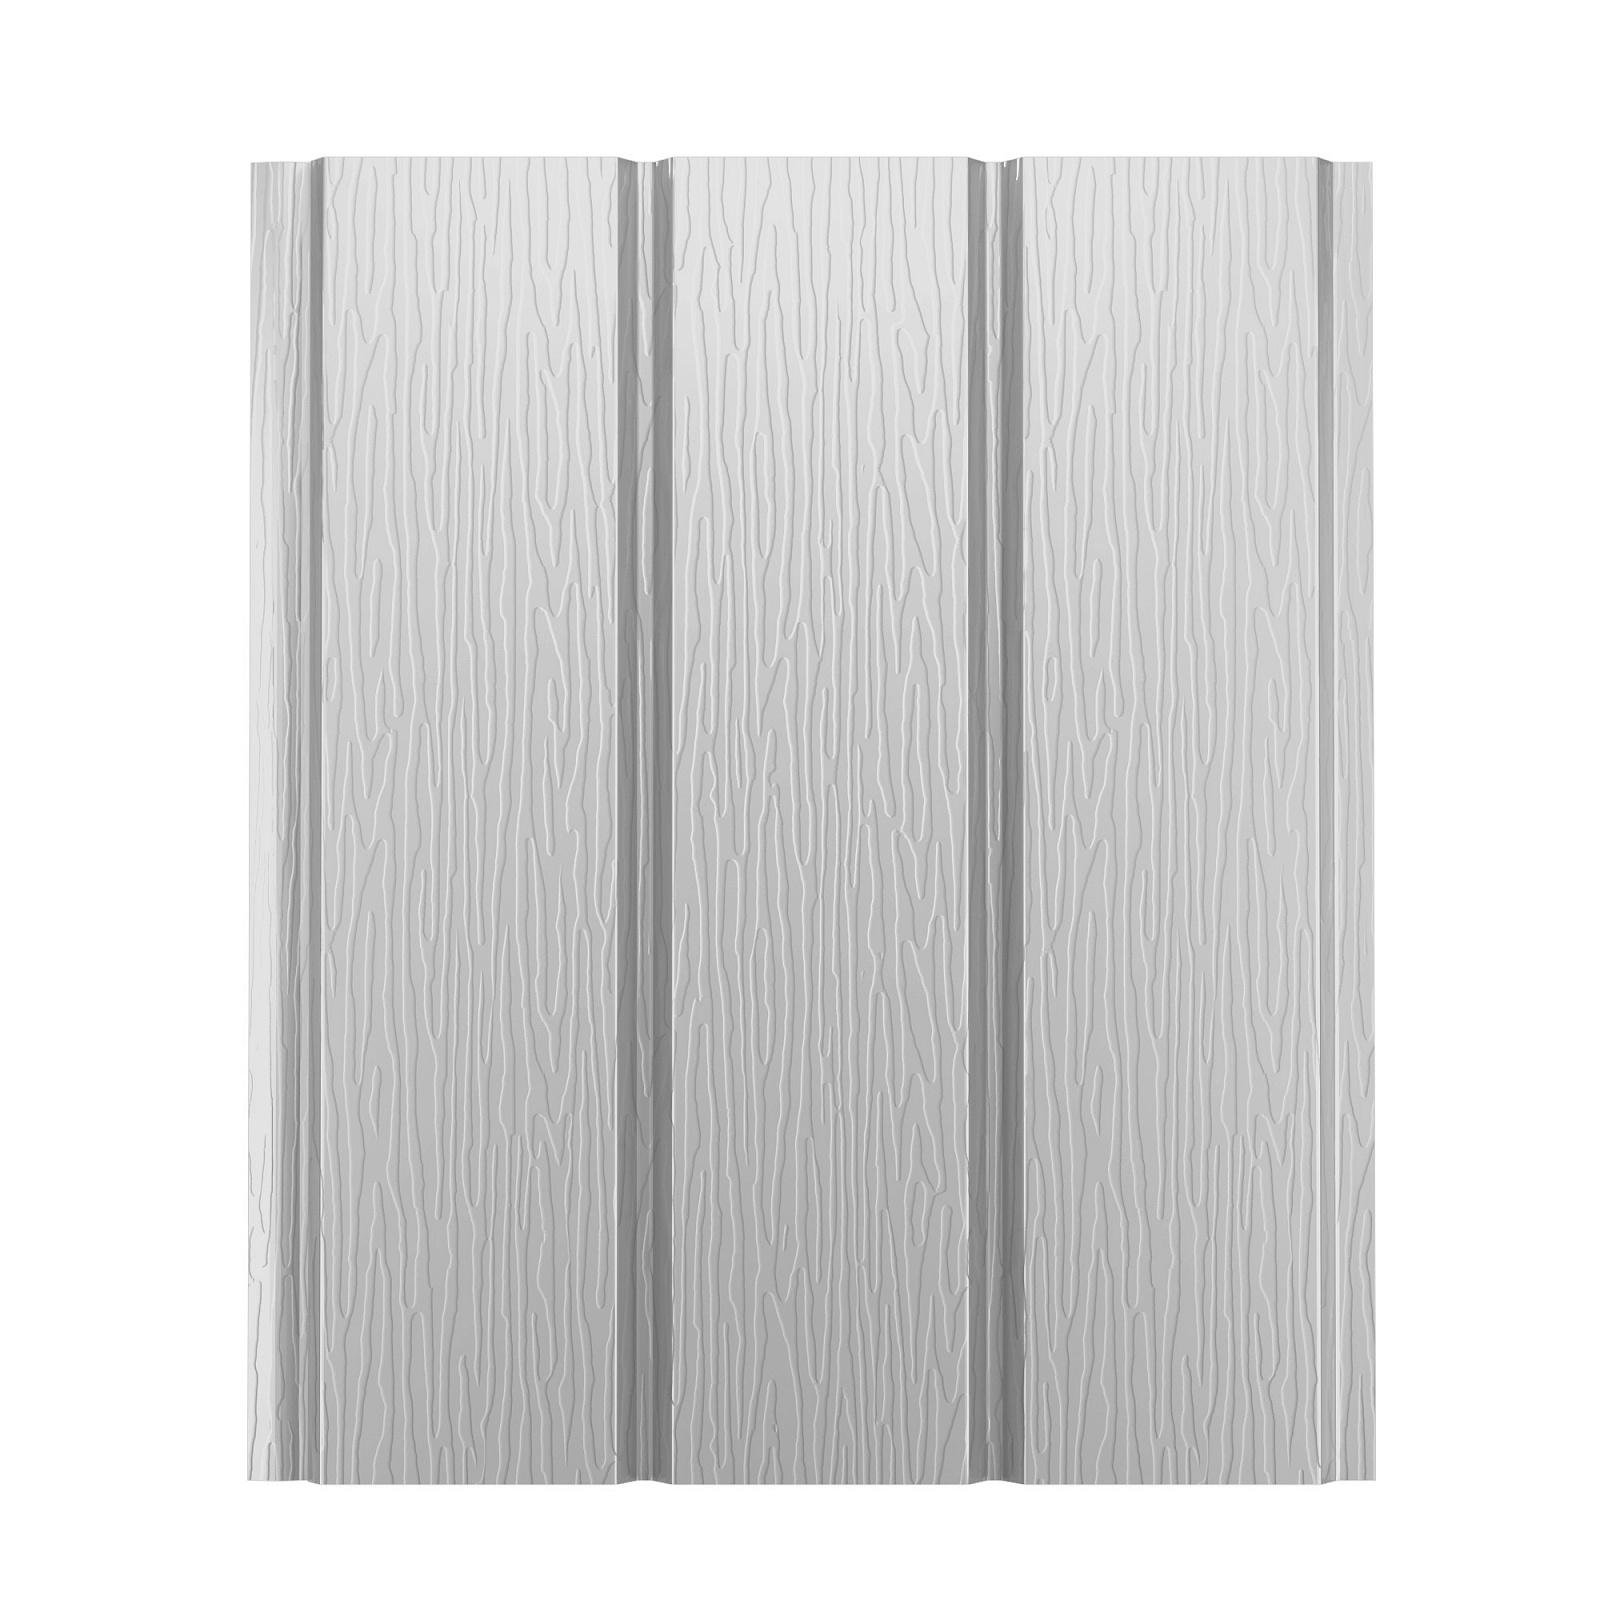 Софит алюминиевый без перфорации Aquasystem Polyester, 2,4 м RR 20